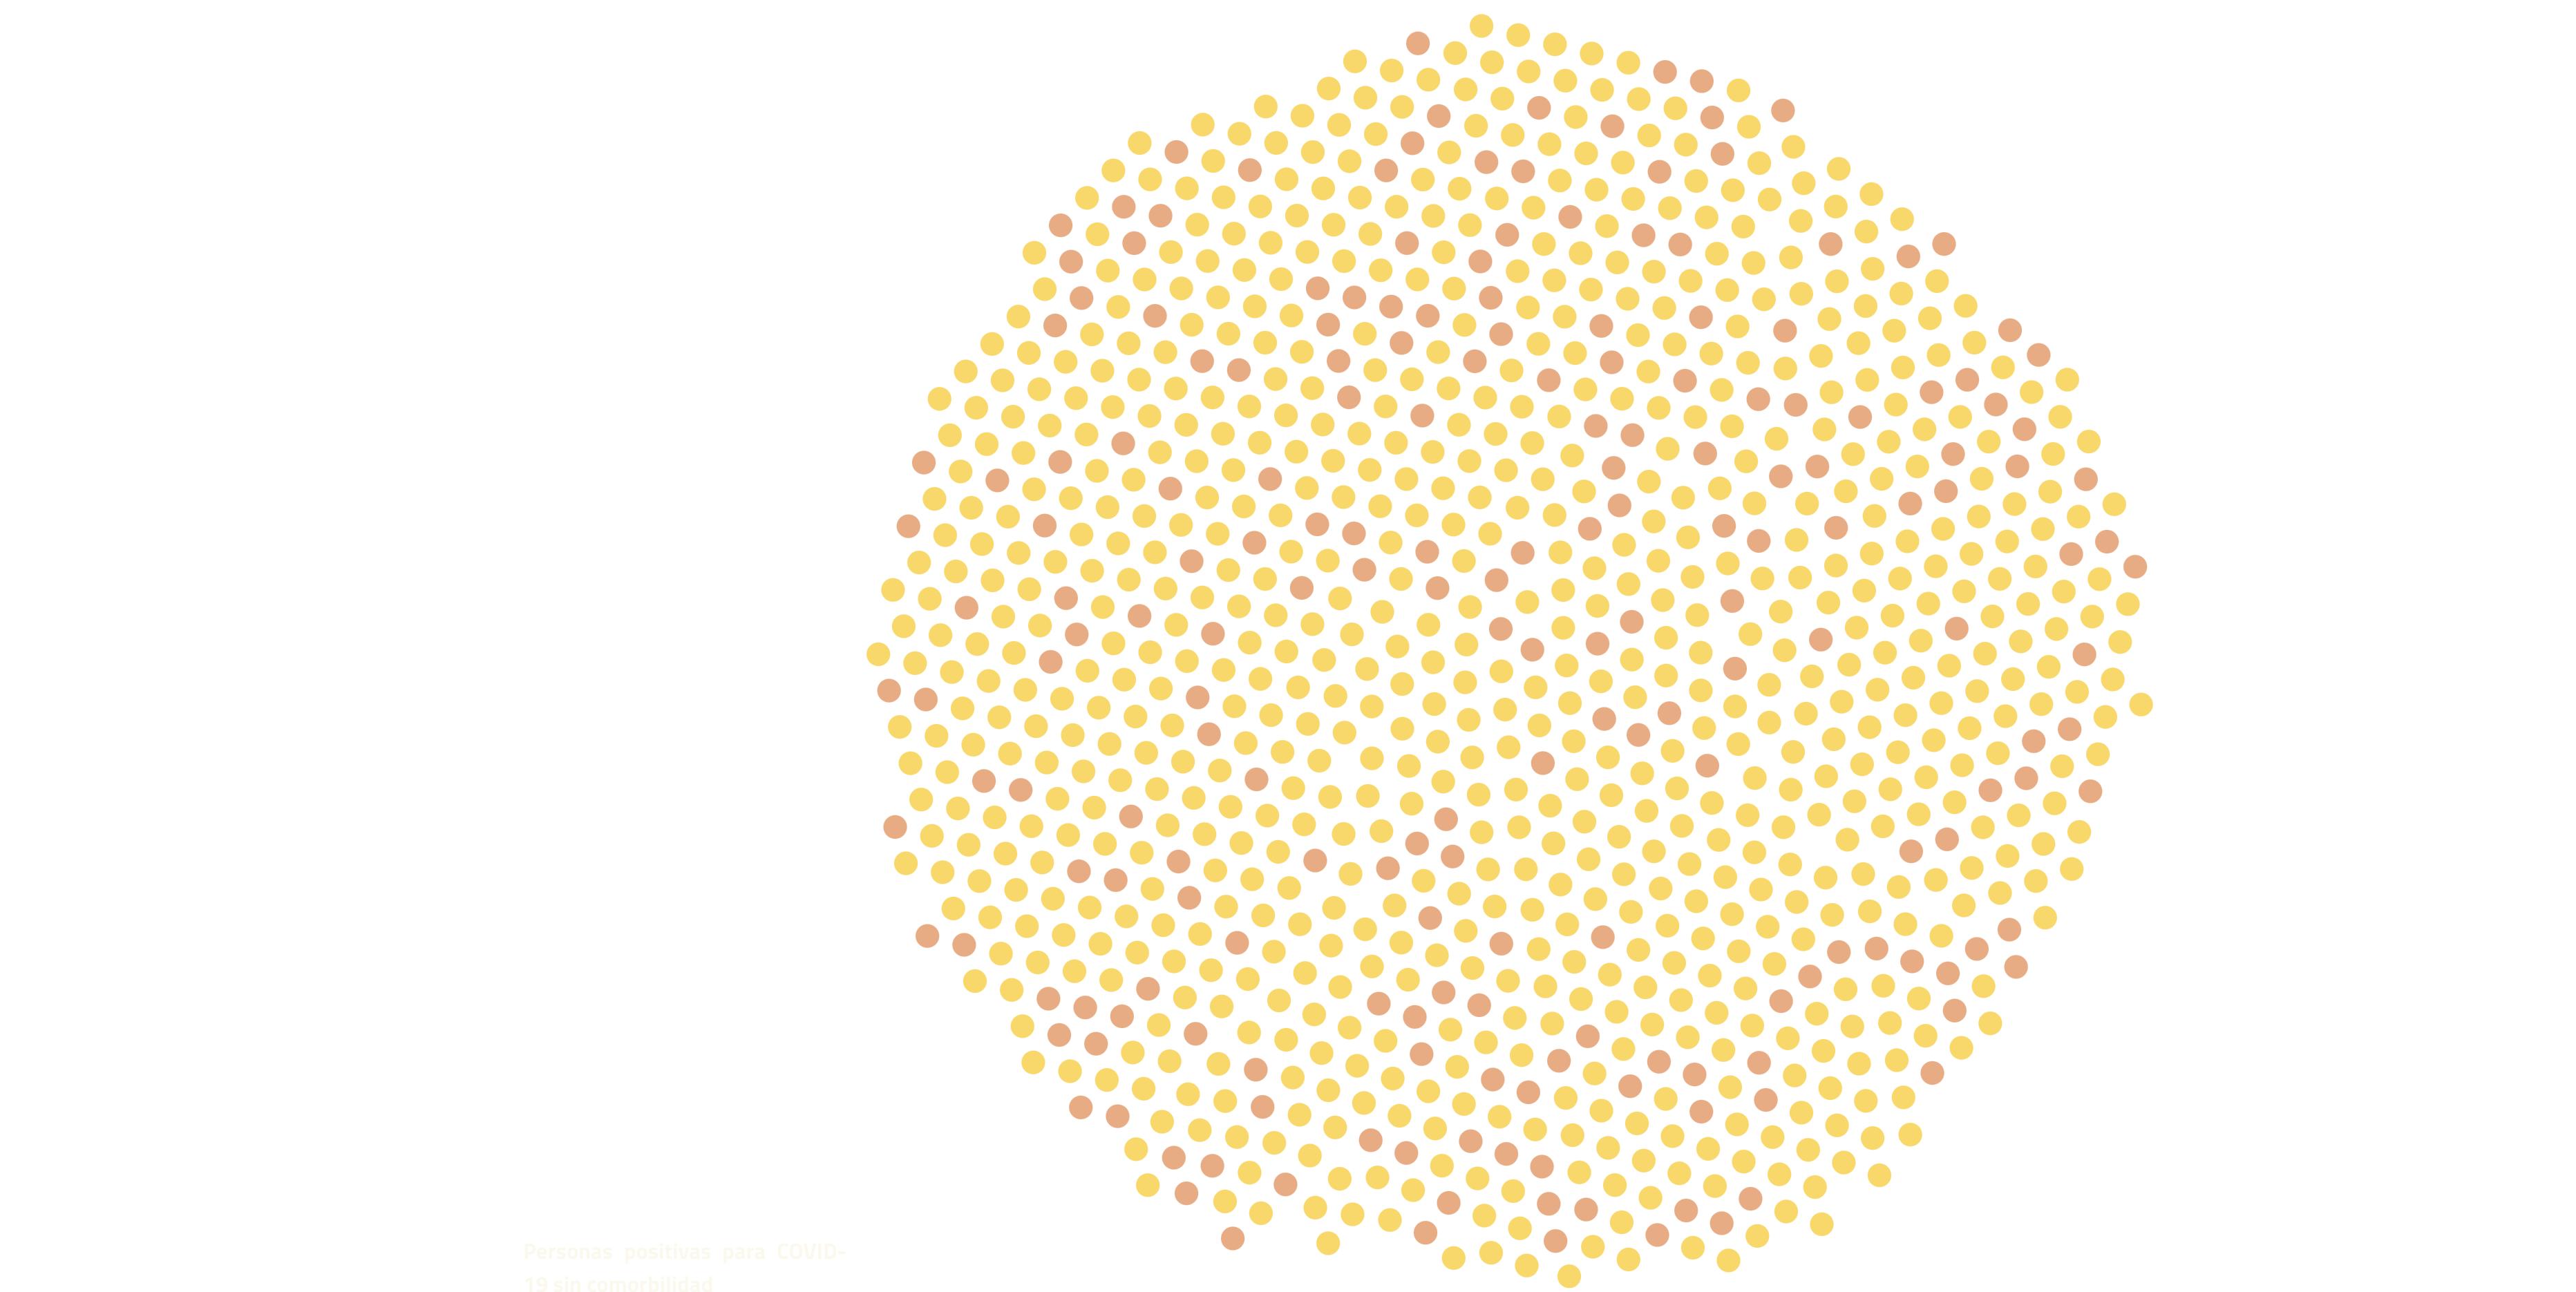 Visualización de comorbilidades y covid-19